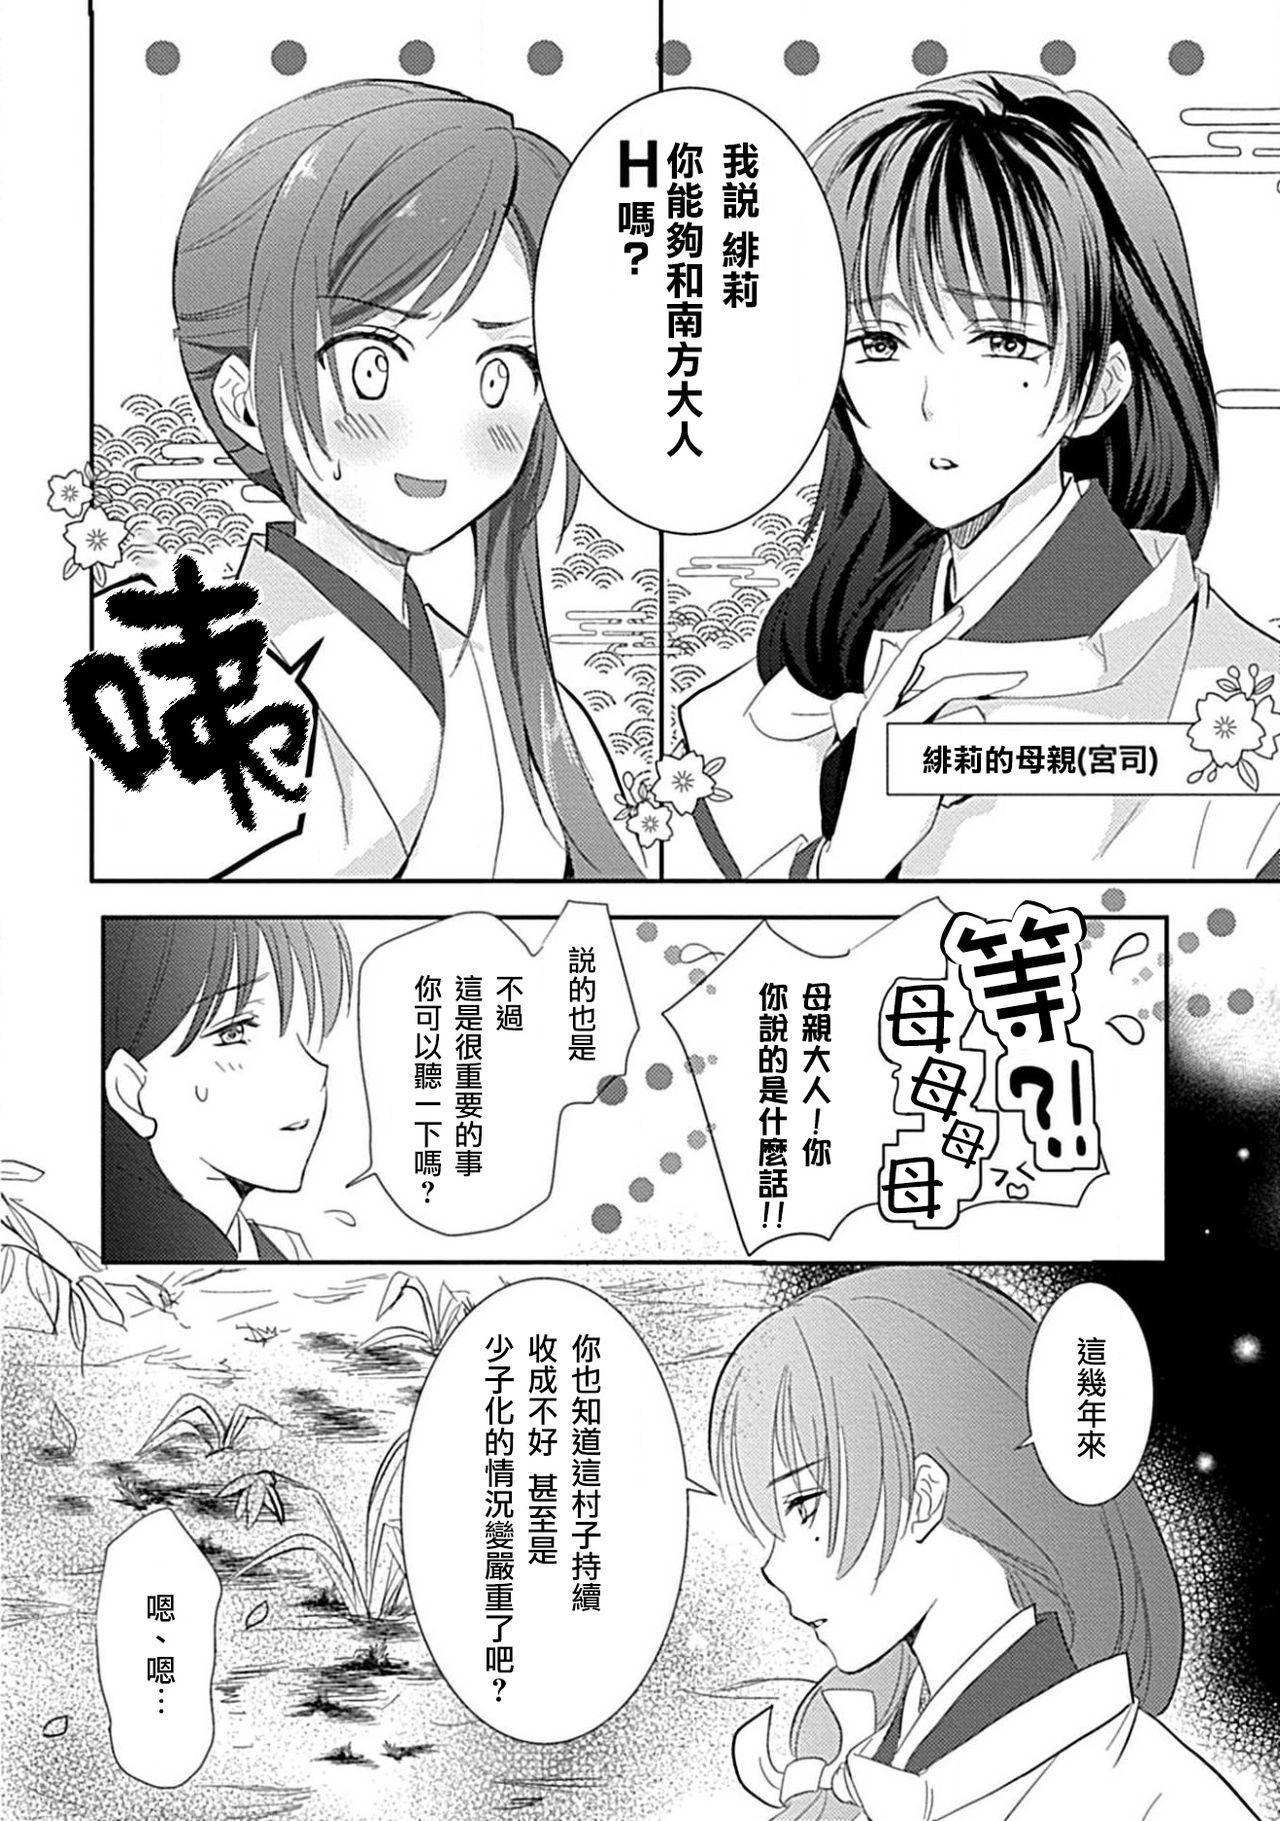 kyosei ranbu itoshi no kamisama ha amayaka ni osu deshita | 嬌聲亂舞 深愛的神明大人甜寵且英勇 4